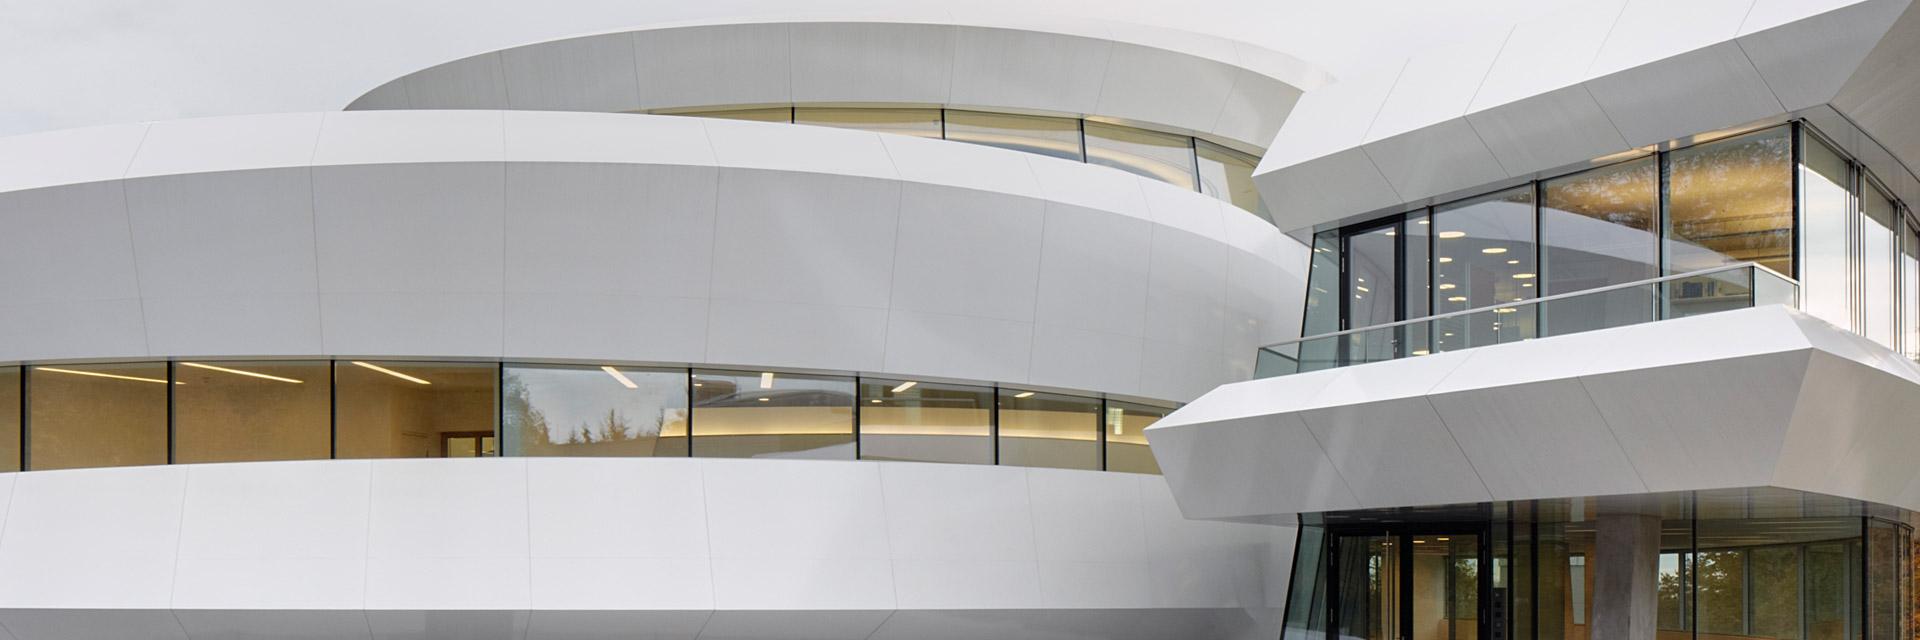 Geschwungene weiße Fassadenbleche des Hauses der Astronomie in Heidelberg vom Architekturbüro Bernhardt+Partner